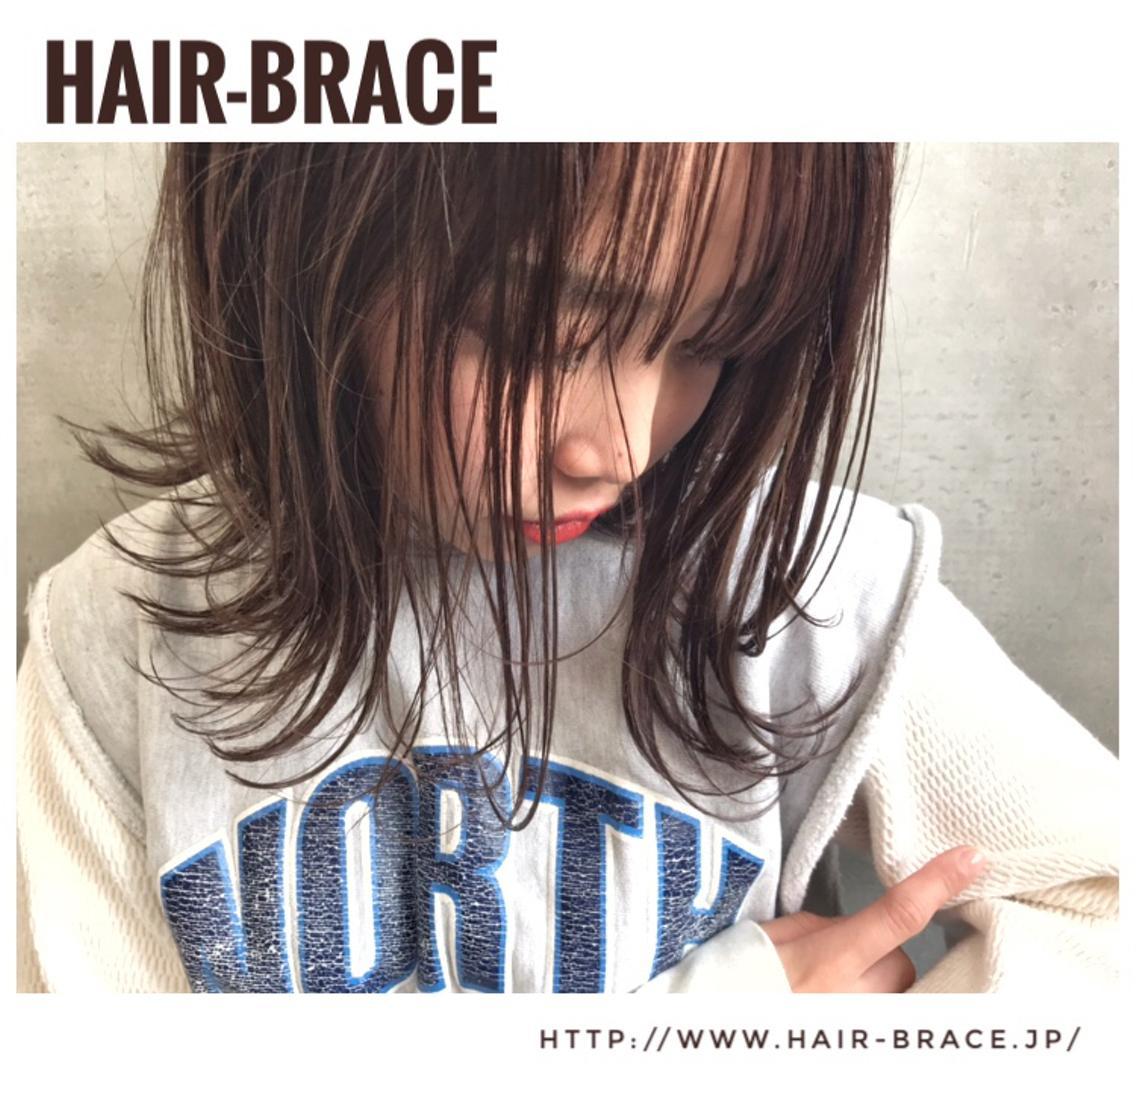 ☘平日限定☘ショートレイヤースタイルの無料カットモデル募集中✂︎✨ ☆hair-brace☆